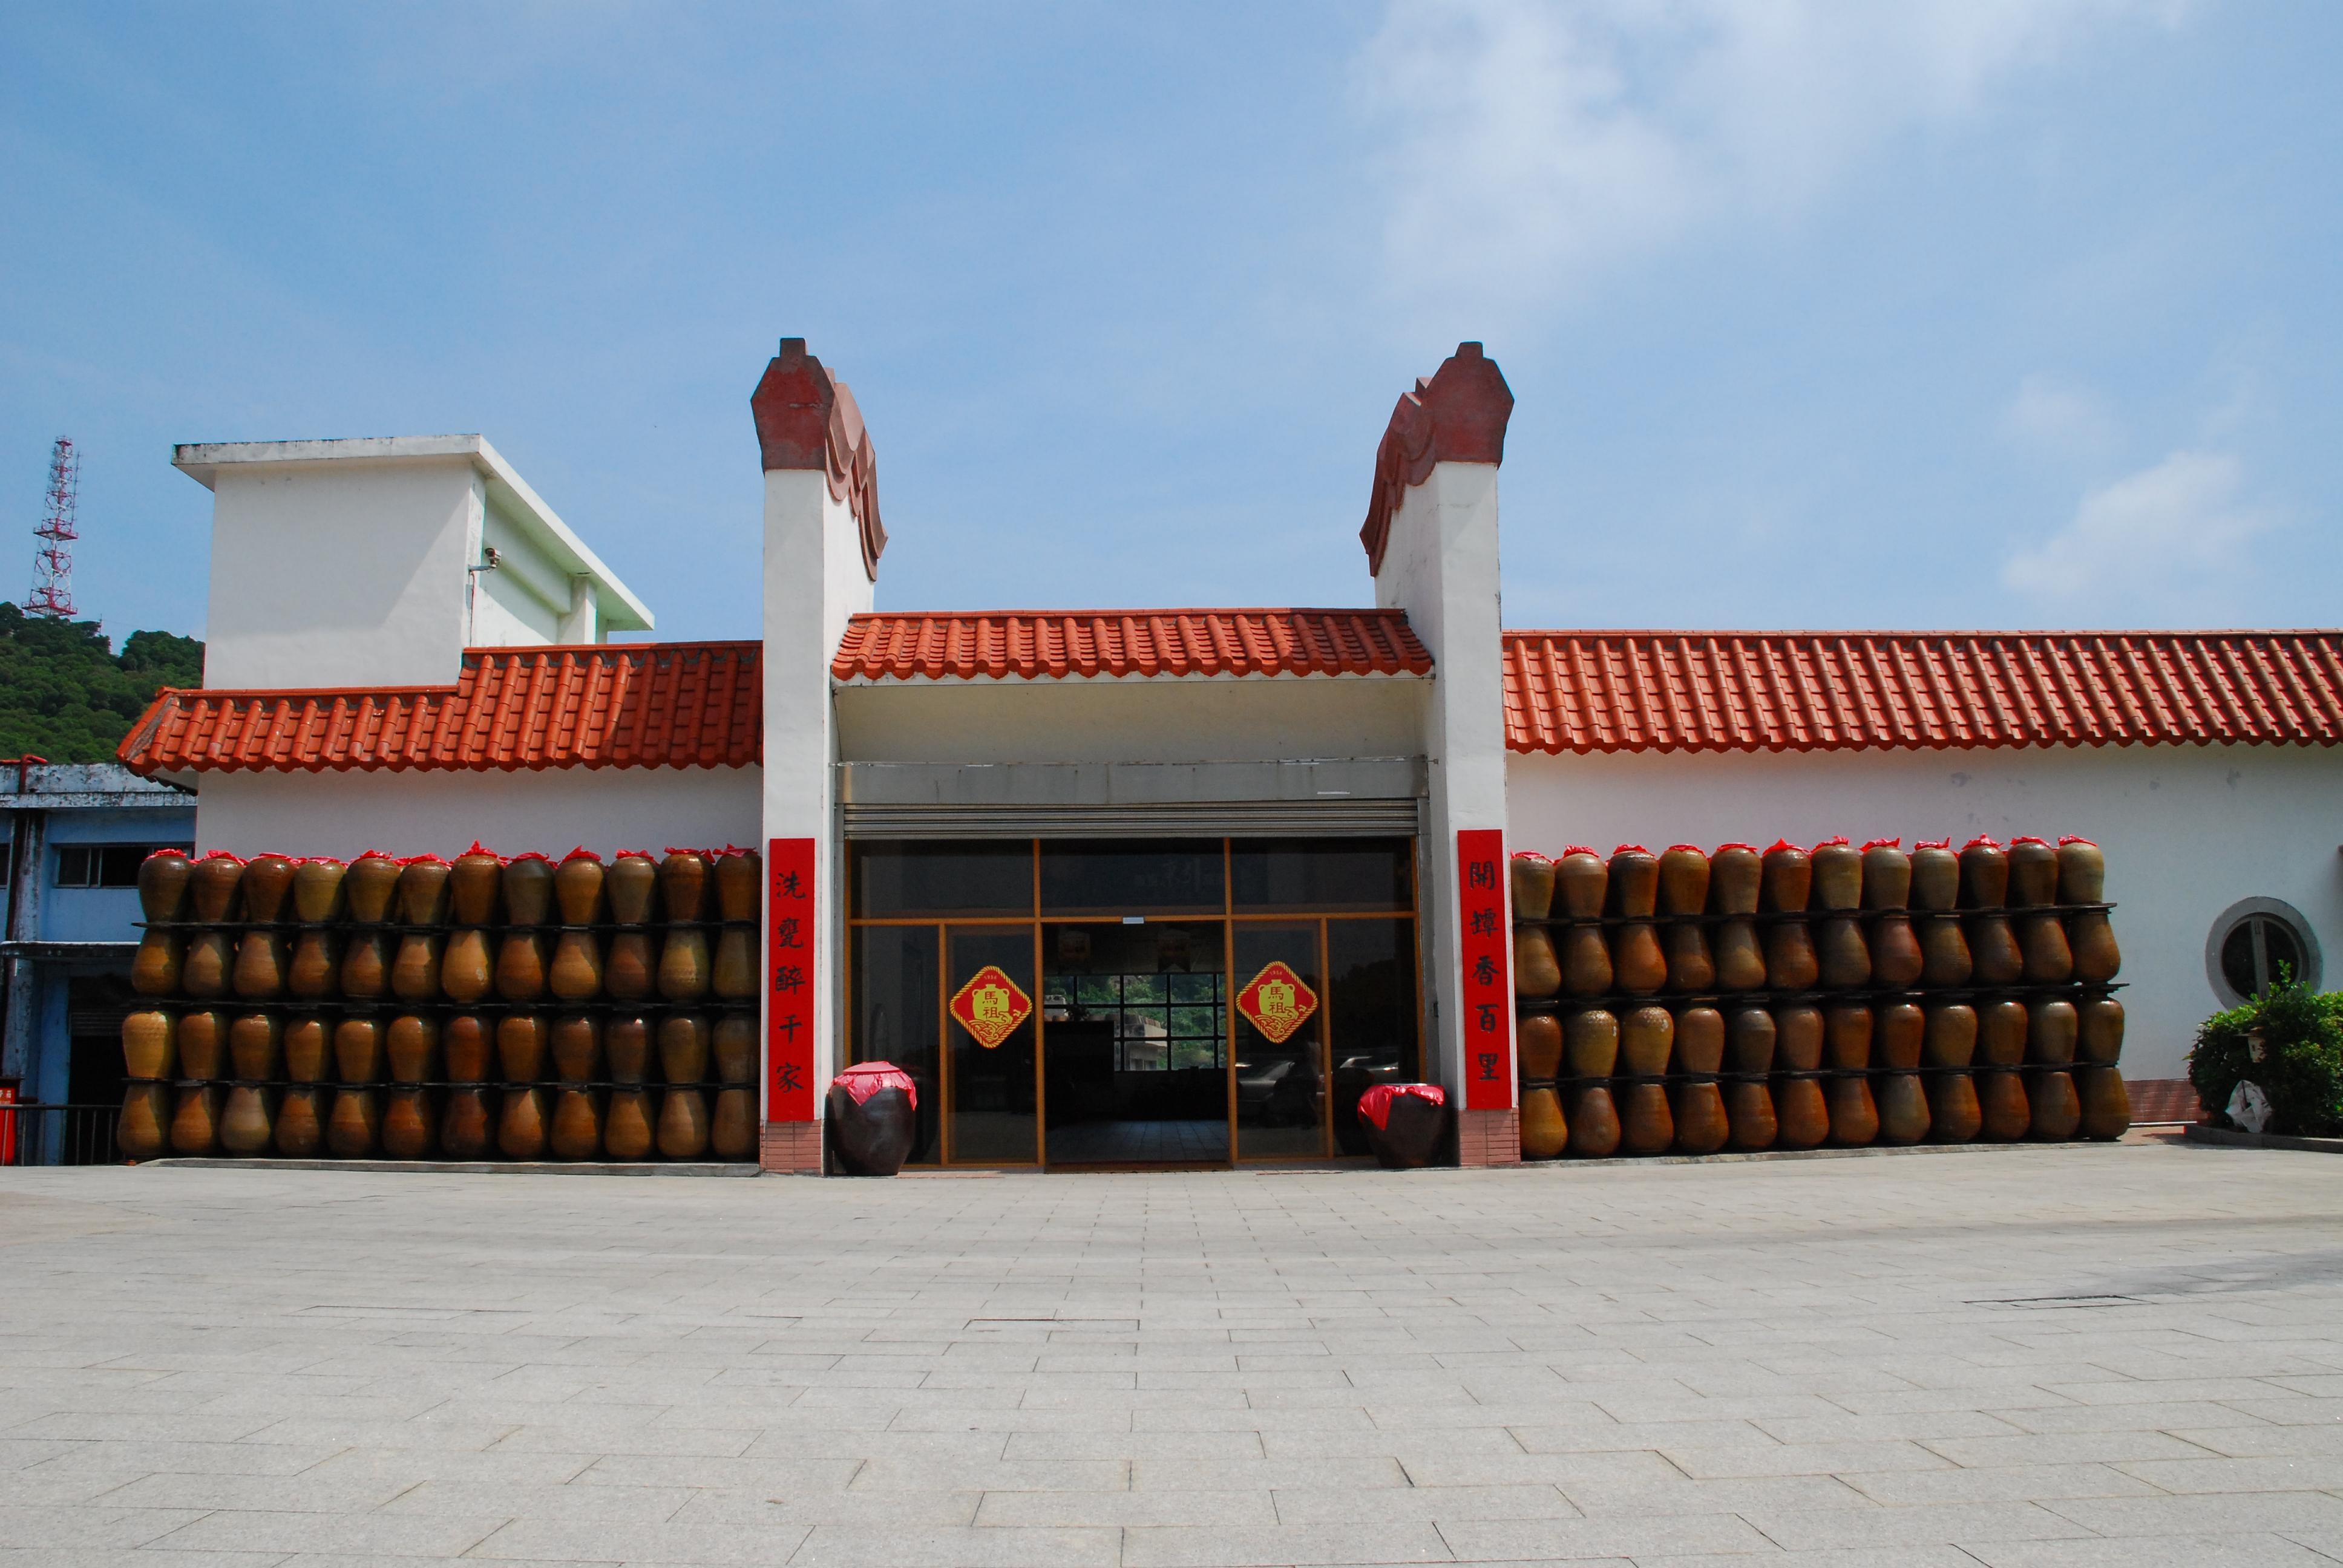 馬祖酒廠の建築の外観